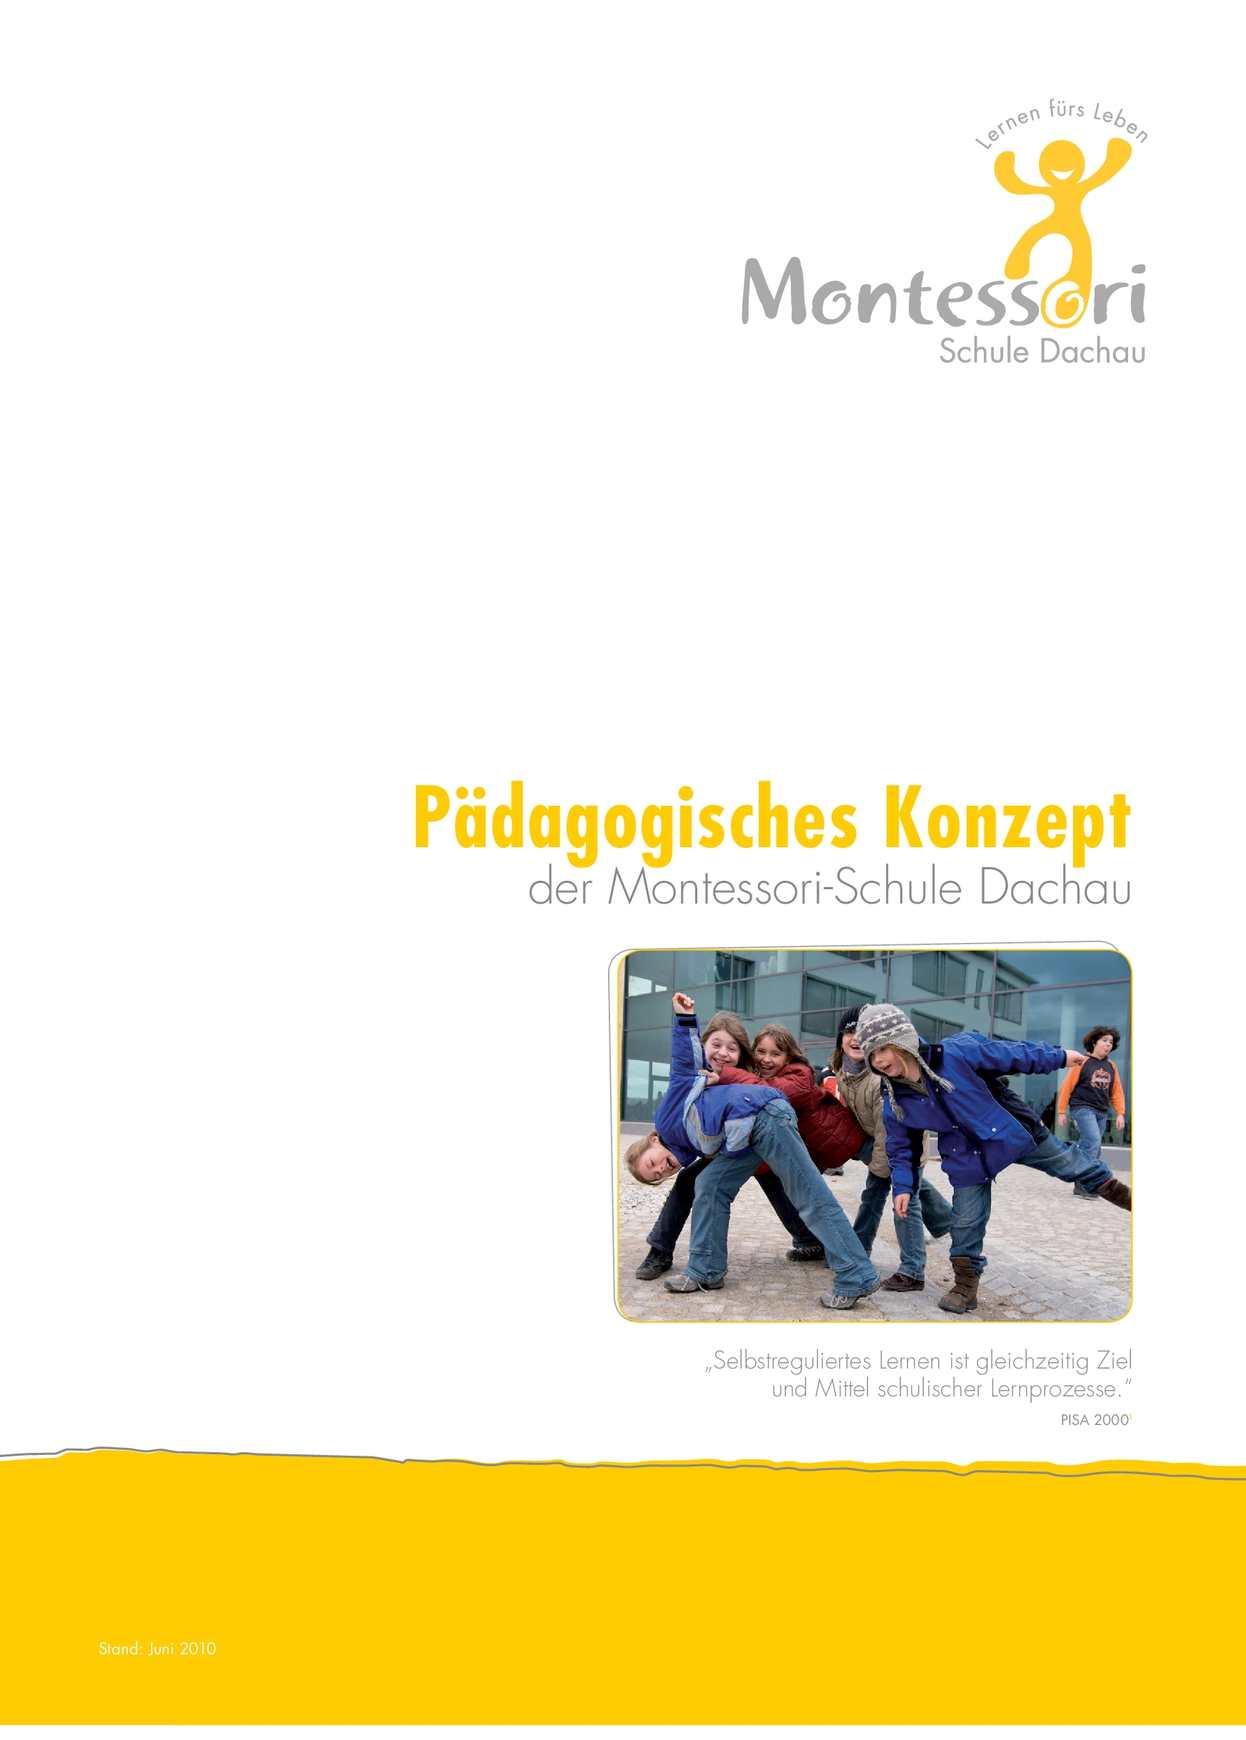 Calaméo - Pädagogisches Konzept der Montessorischule Dachau